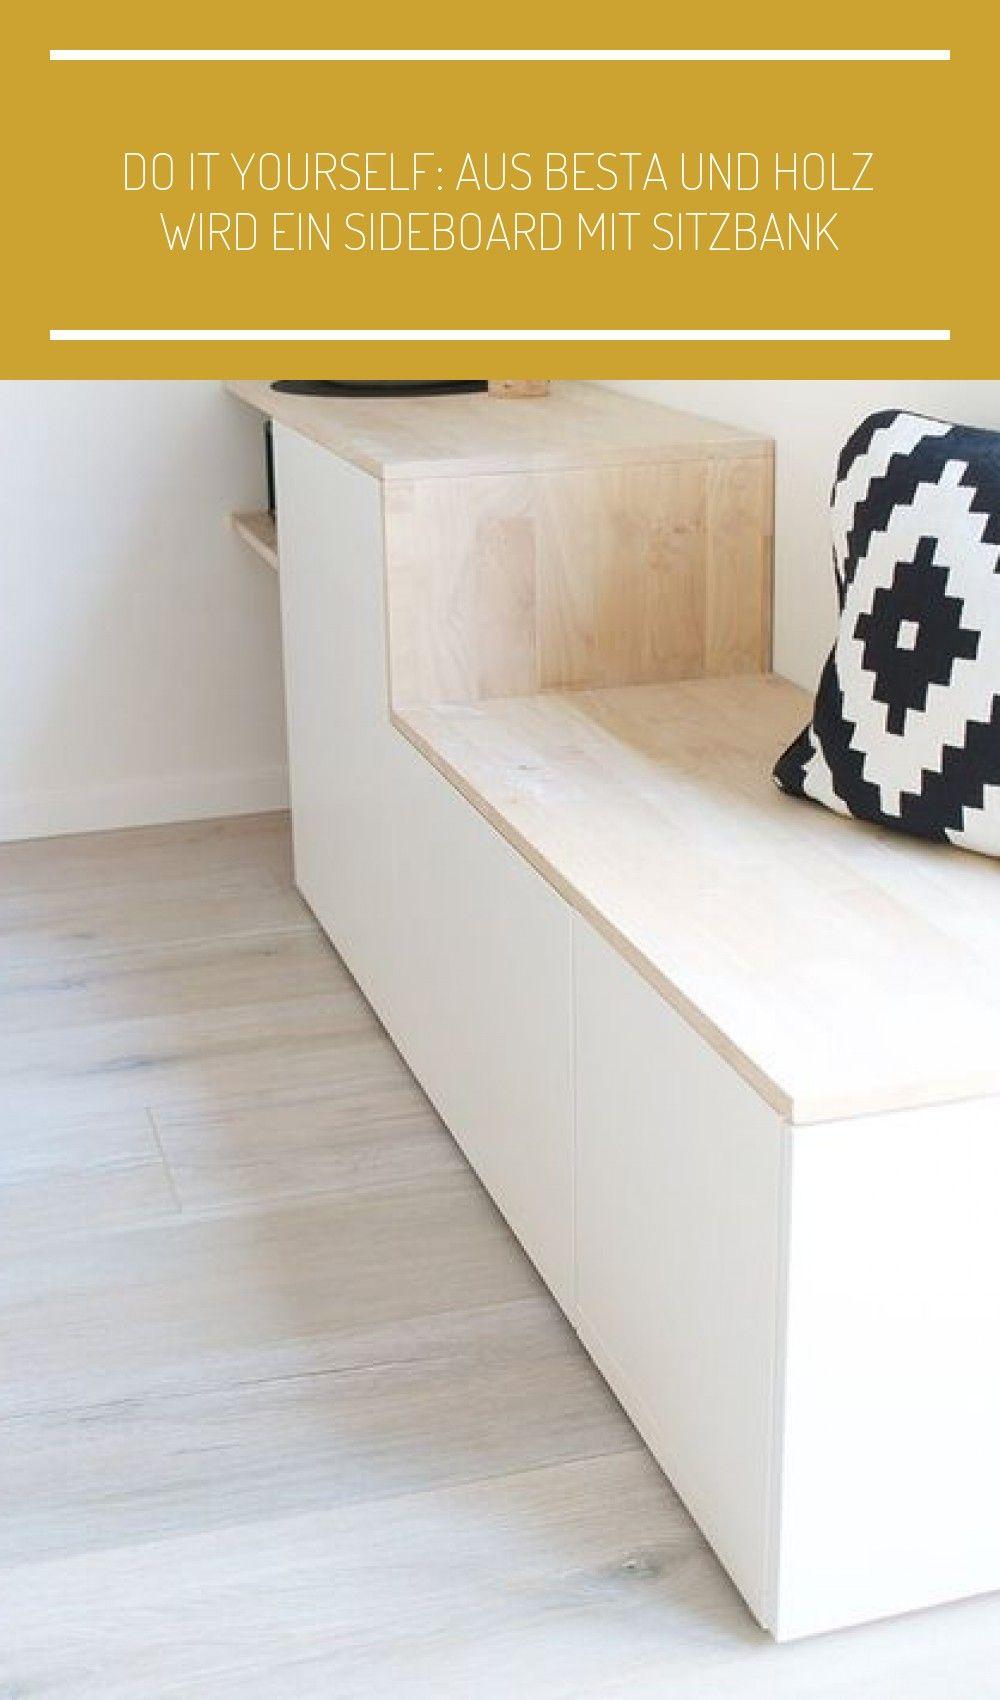 Photo of DIY Sideboard mit Sitzbank aus Besta von Ikea selbst bauen – Ging